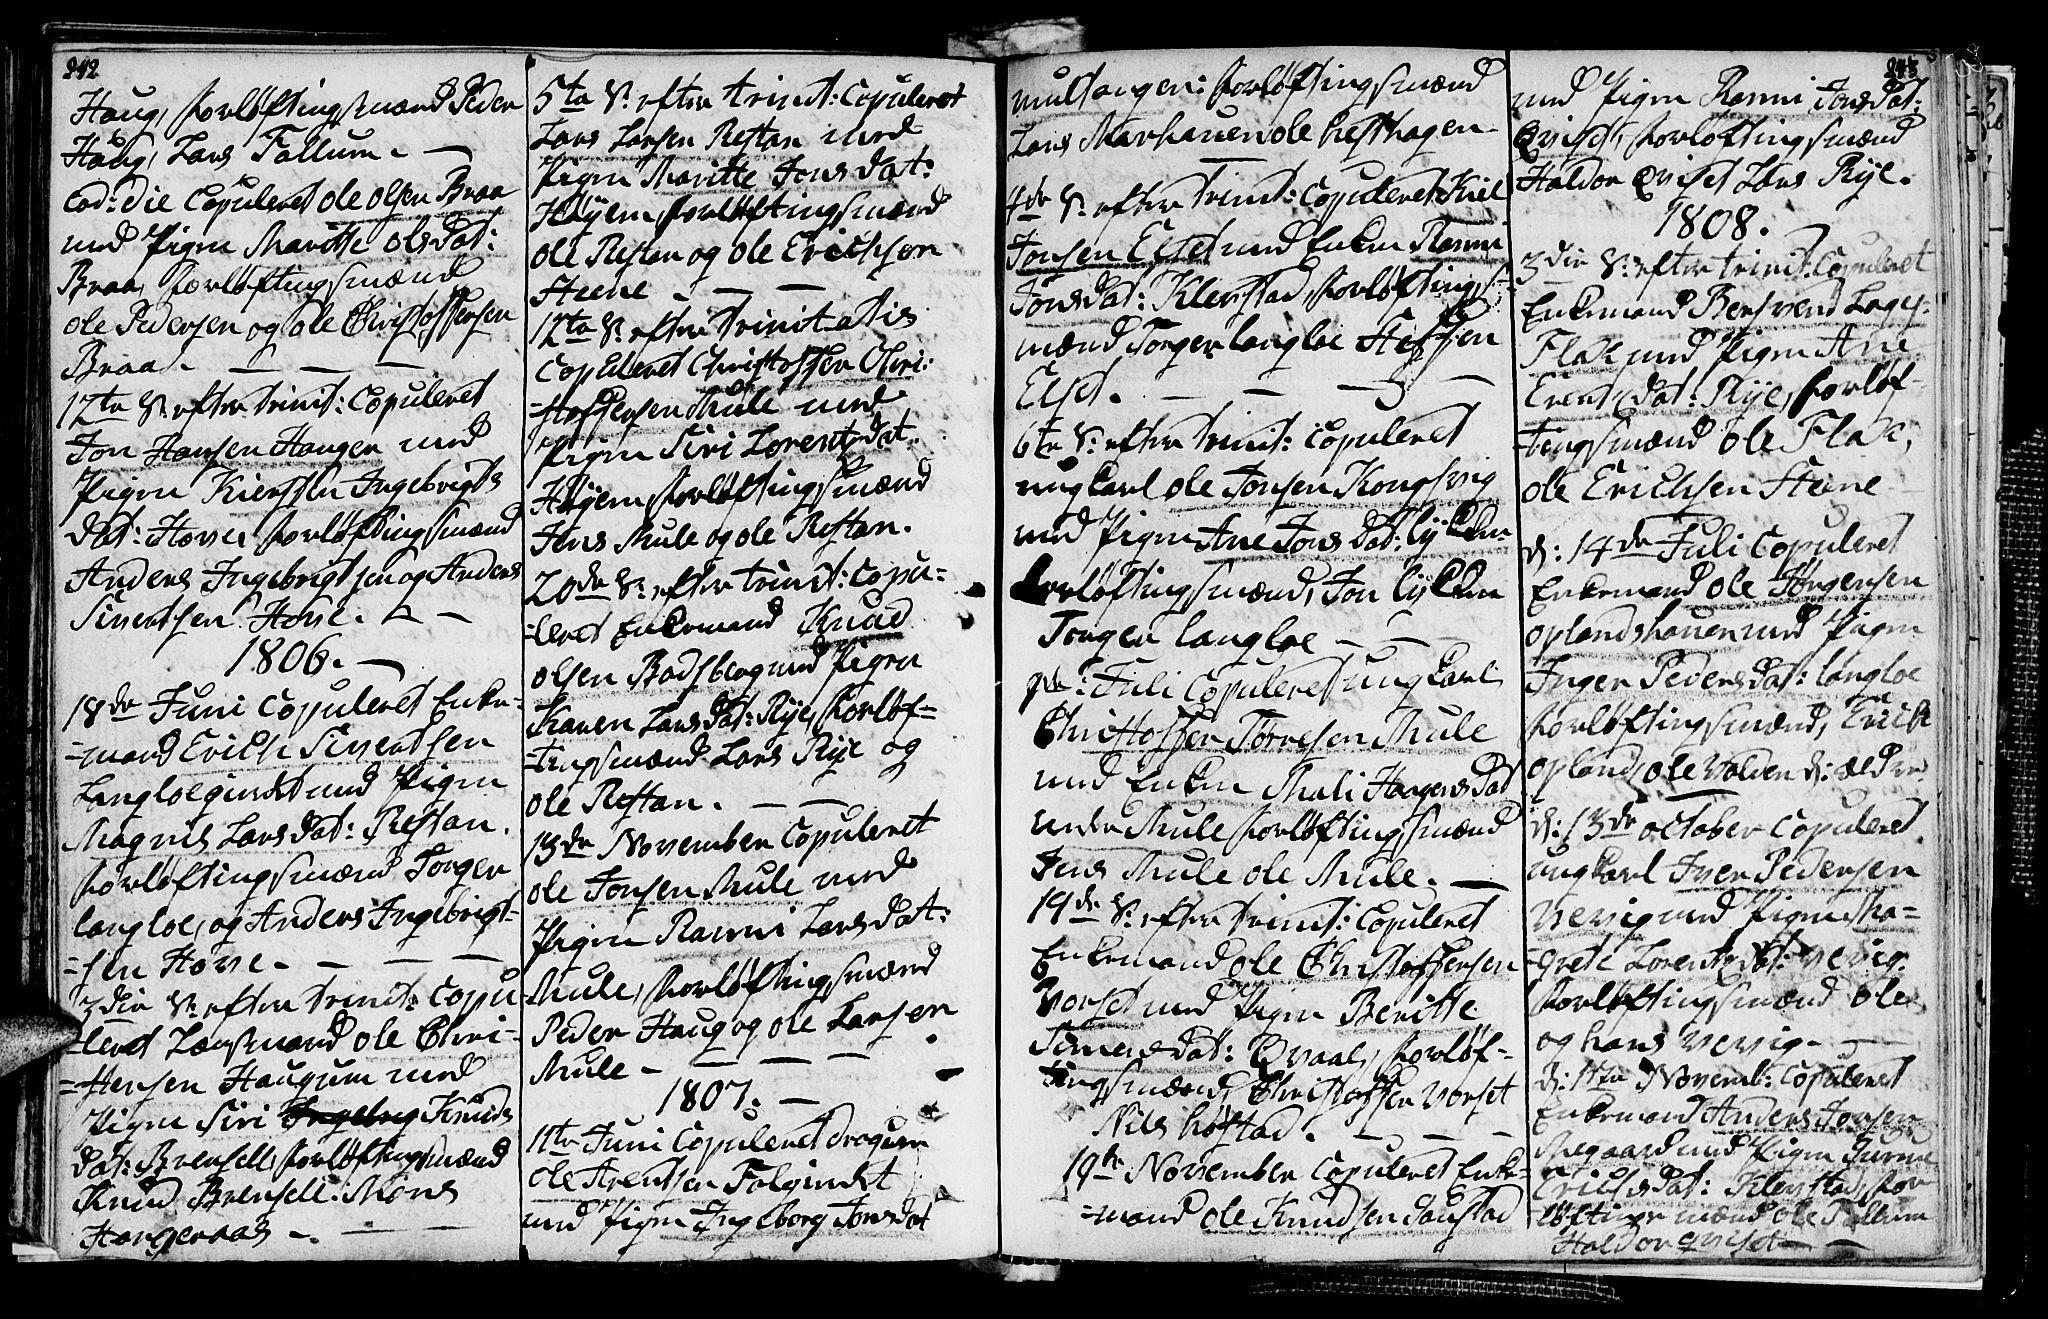 SAT, Ministerialprotokoller, klokkerbøker og fødselsregistre - Sør-Trøndelag, 612/L0371: Ministerialbok nr. 612A05, 1803-1816, s. 242-243